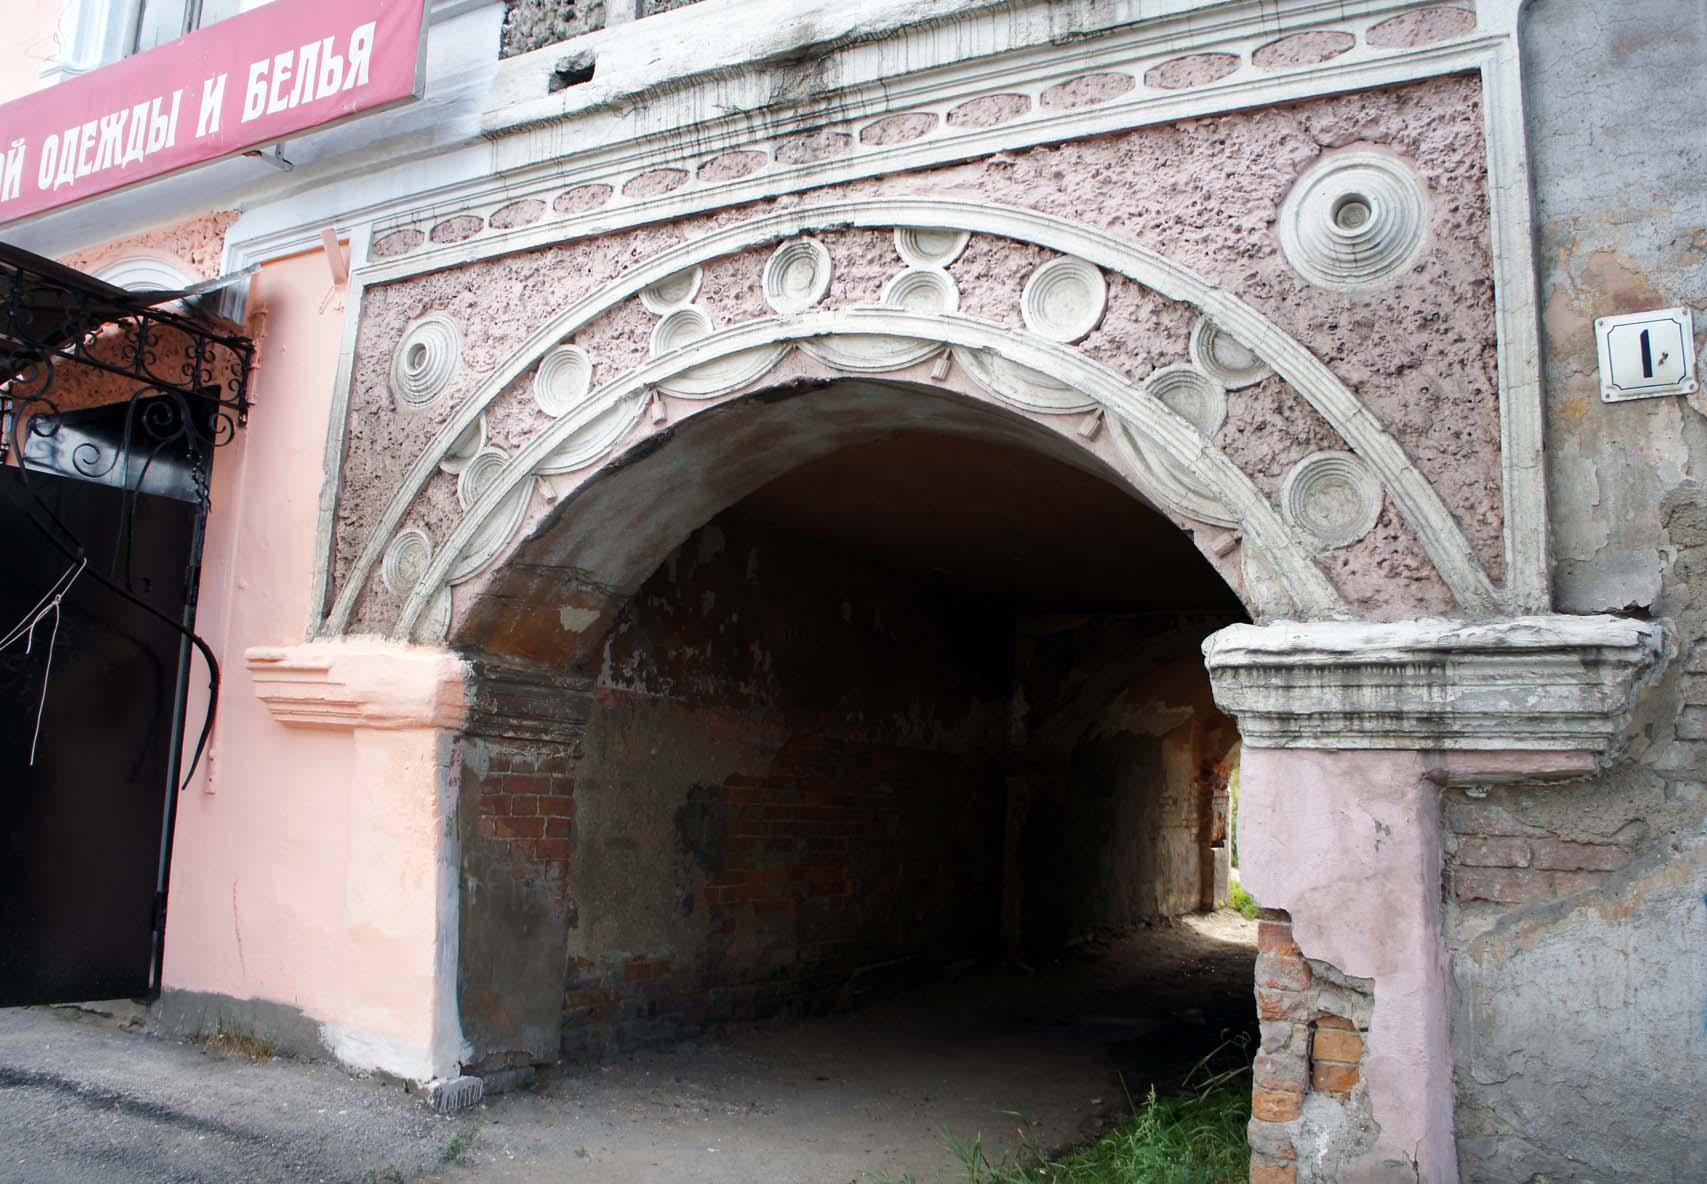 Ирбит. Дворы города - отдельная песня. Дохдные дома с арками мне почему-то напоминают Санкт-Петербург